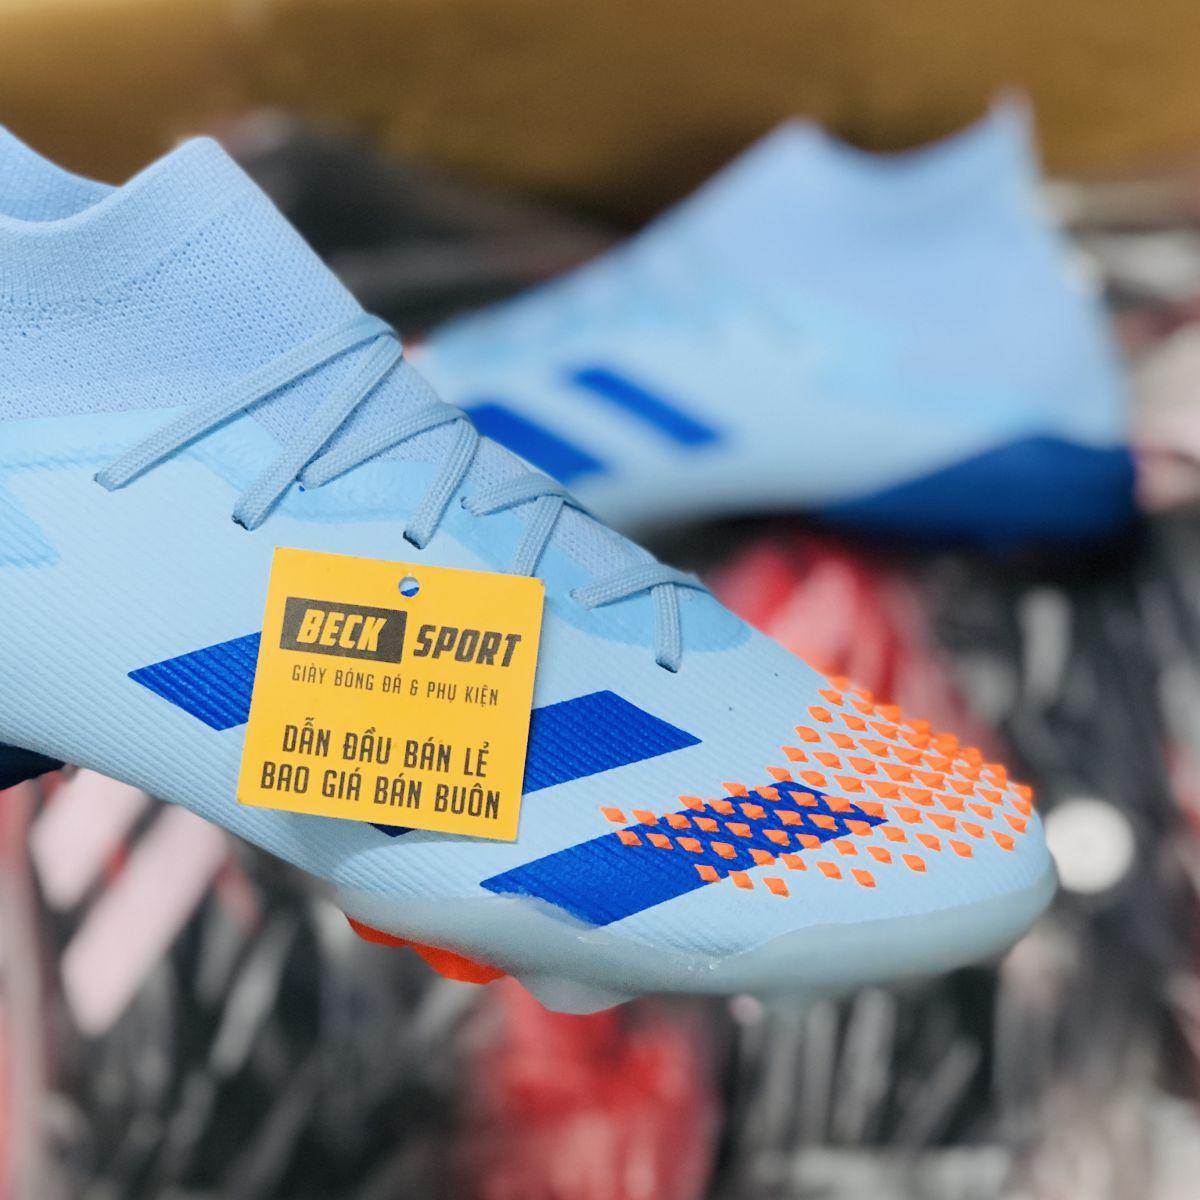 Giày Bóng Đá Adidas Predator 20.1 Xanh Ngọc Mũi Cam Cổ Cao TF